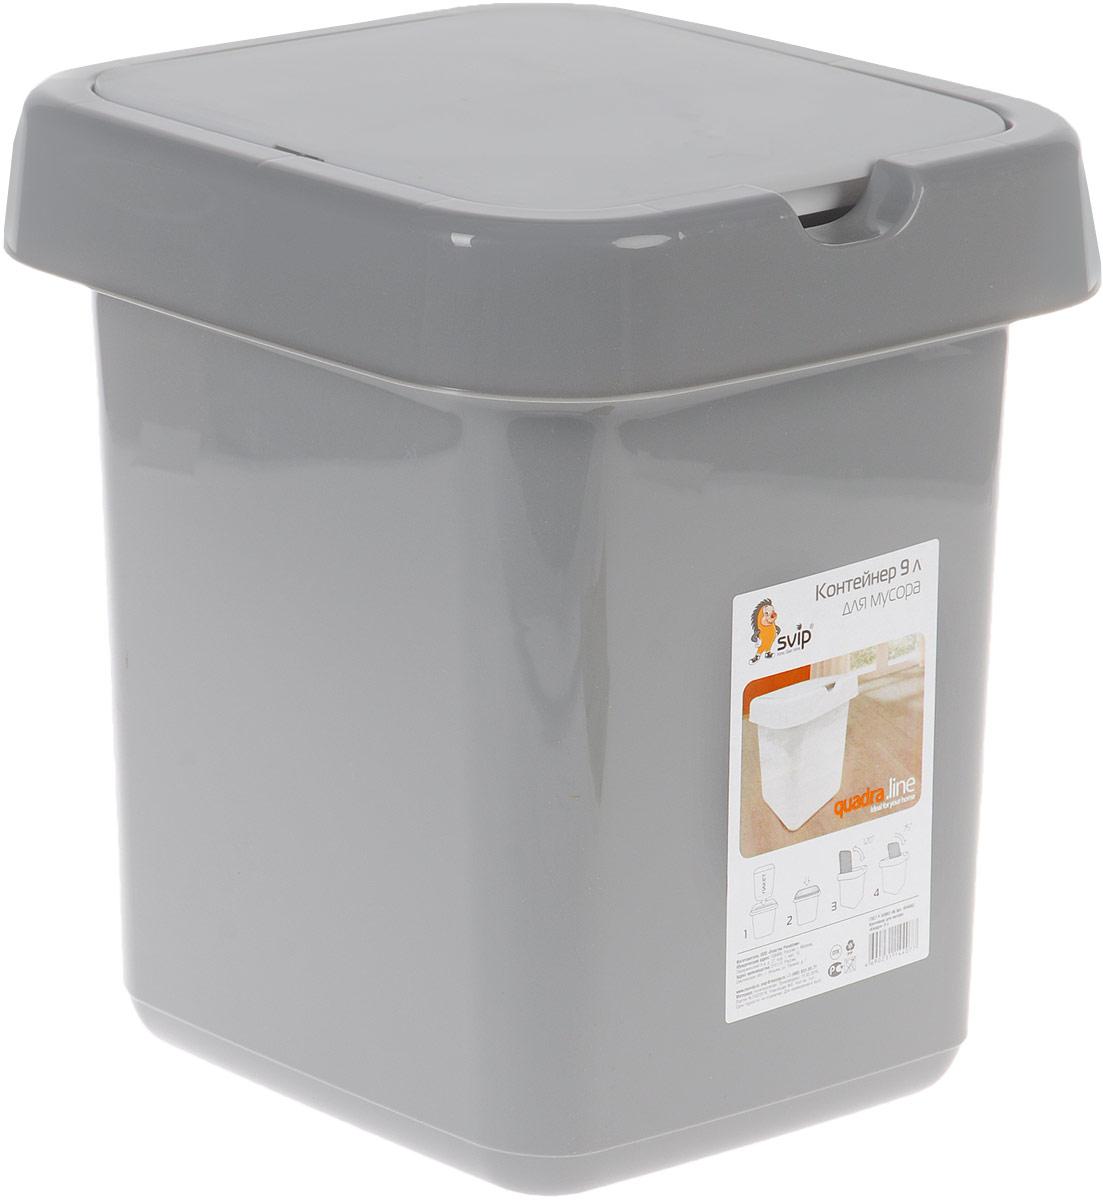 Контейнер для мусора Svip Квадра, цвет: серый, белый, 9 лSV4042СБМусорный контейнер Svip Квадра поможет поддержать порядок и чистоту накухне, в туалетной комнате или в офисе. Изделие, выполненное из полипропилена,не боится ударов и долгих лет использования. Изделие оснащено крышкой с двойным механизмом открывания, что обеспечиваетмаксимально удобное использование: откидной крышкой можно воспользоватьсяпри выбрасывании большого мусора, крышкой-маятником - для мусора меньшегообъема. Скрытые борта в корпусе изделия для аккуратного использованияодноразовых пакетов и сохранения эстетики изделия. Съемная верхняя частьконтейнера обеспечивает удобство извлечения накопившегося мусора. Эстетика изделия превращает необходимый предмет кухни или туалетной комнатыв стильное дополнение к интерьеру. Его легкость и прочность оптимально решаютпроблему сбора мусора.